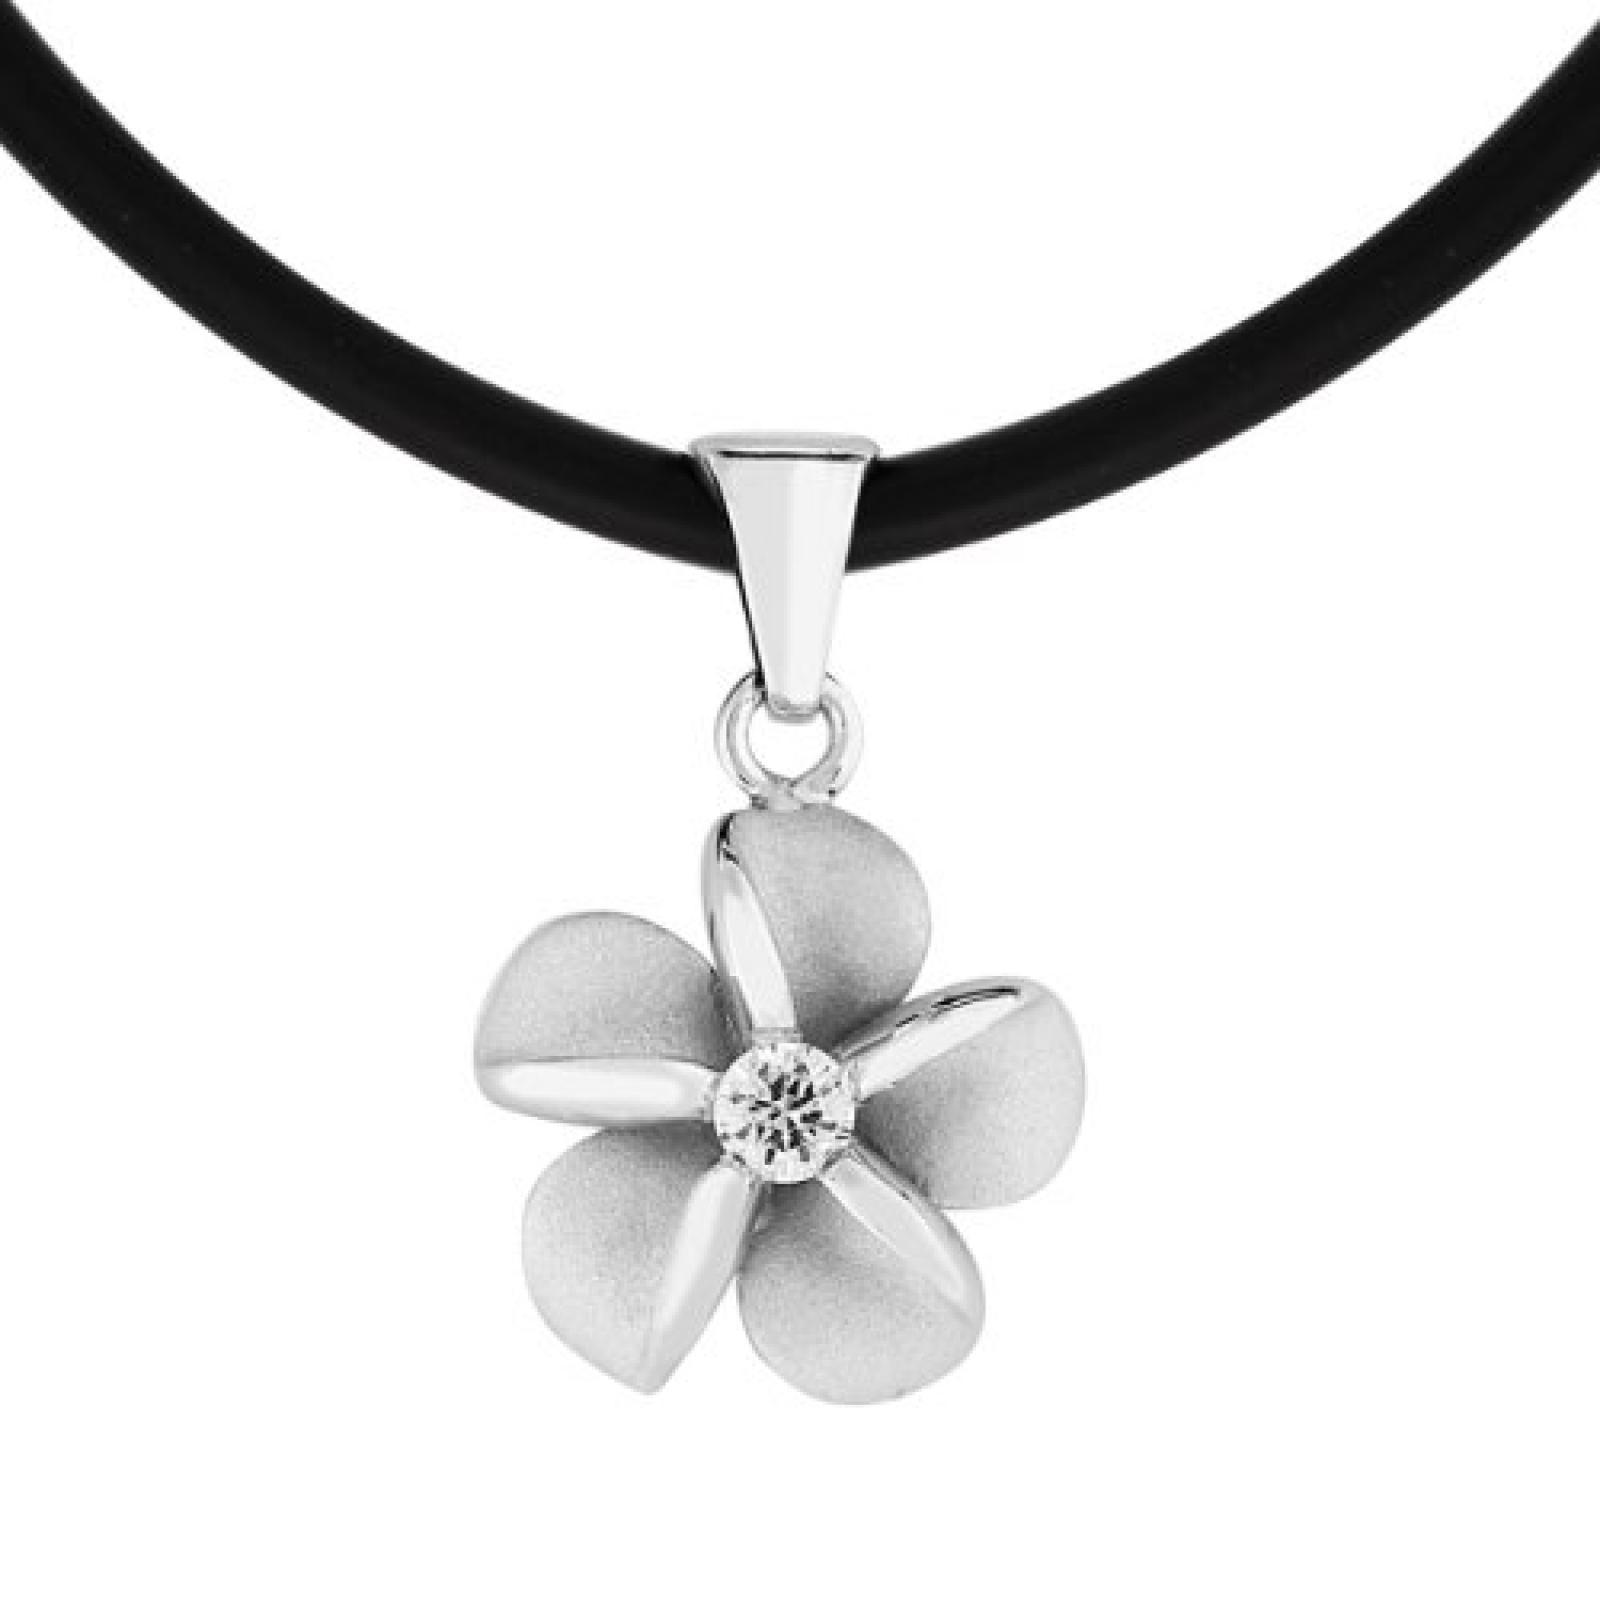 Bella Donna Damen-Halskette Blume 925 Sterling Silber Kautschukband schwarz 1 Zirkonia weiss 44 cm 109516